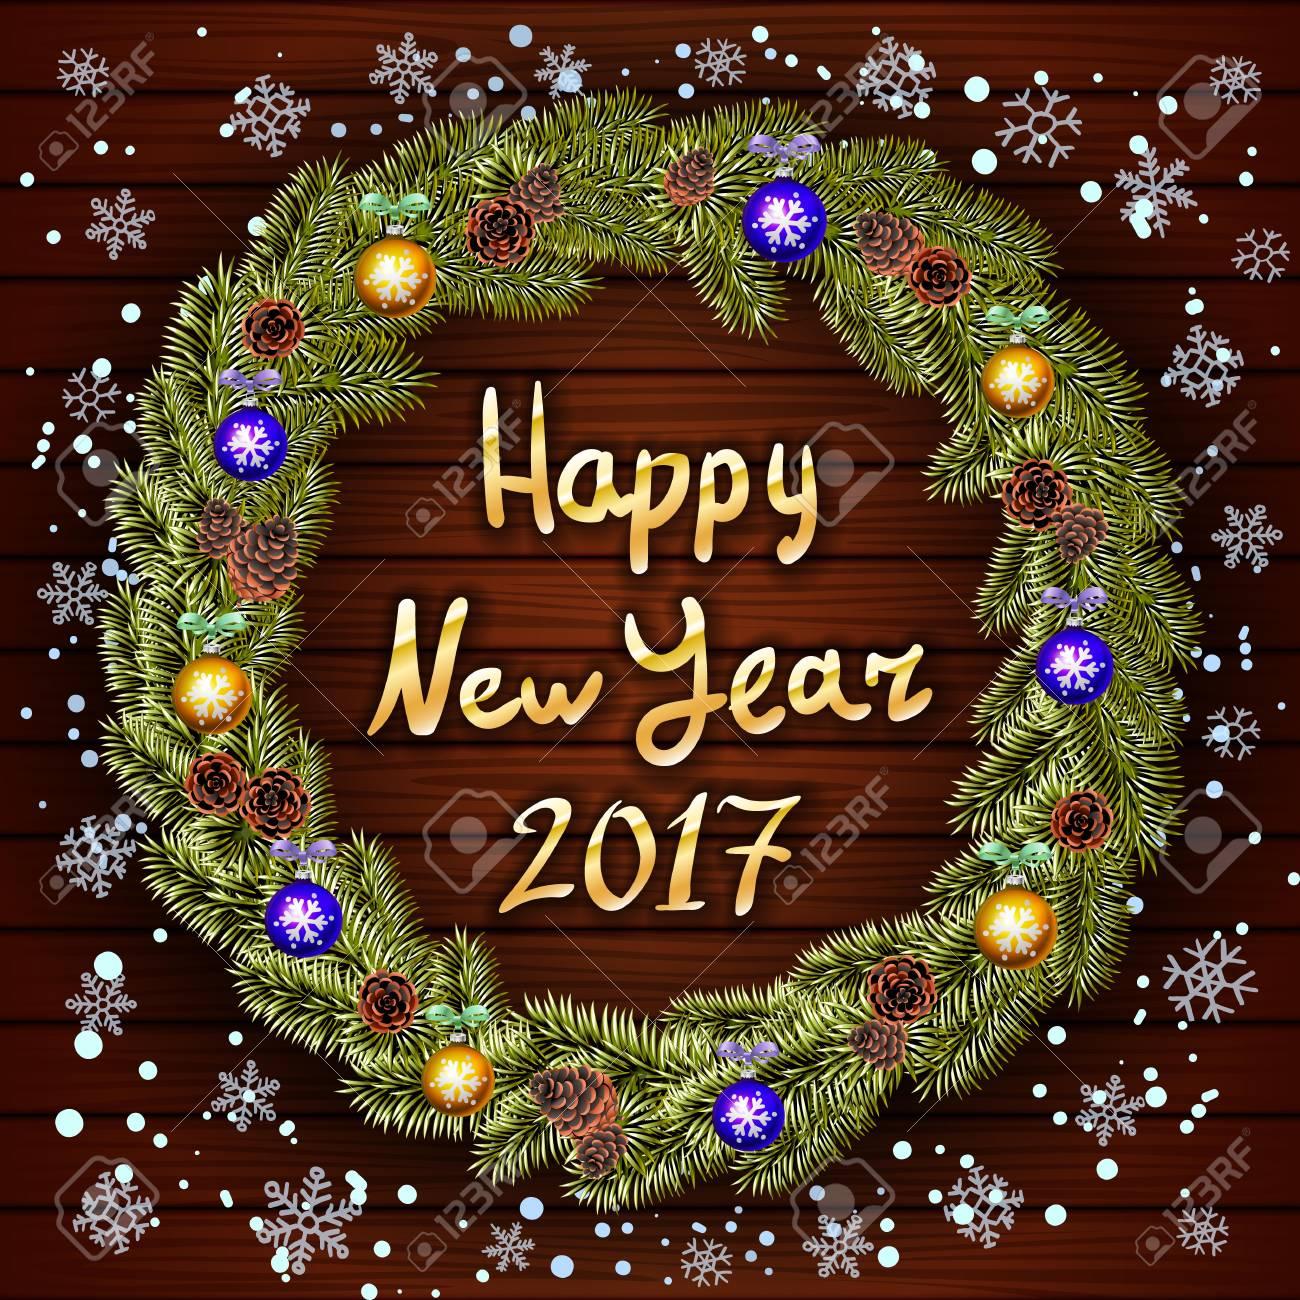 Las Mejores Felicitaciones De Navidad Y Ano Nuevo.Feliz Tarjeta De Felicitacion De Ano Nuevo Con Los Mejores Deseos Felicitaciones Vectorial Santa Bolsa De Regalo Y El Sombrero Guantes Media De La